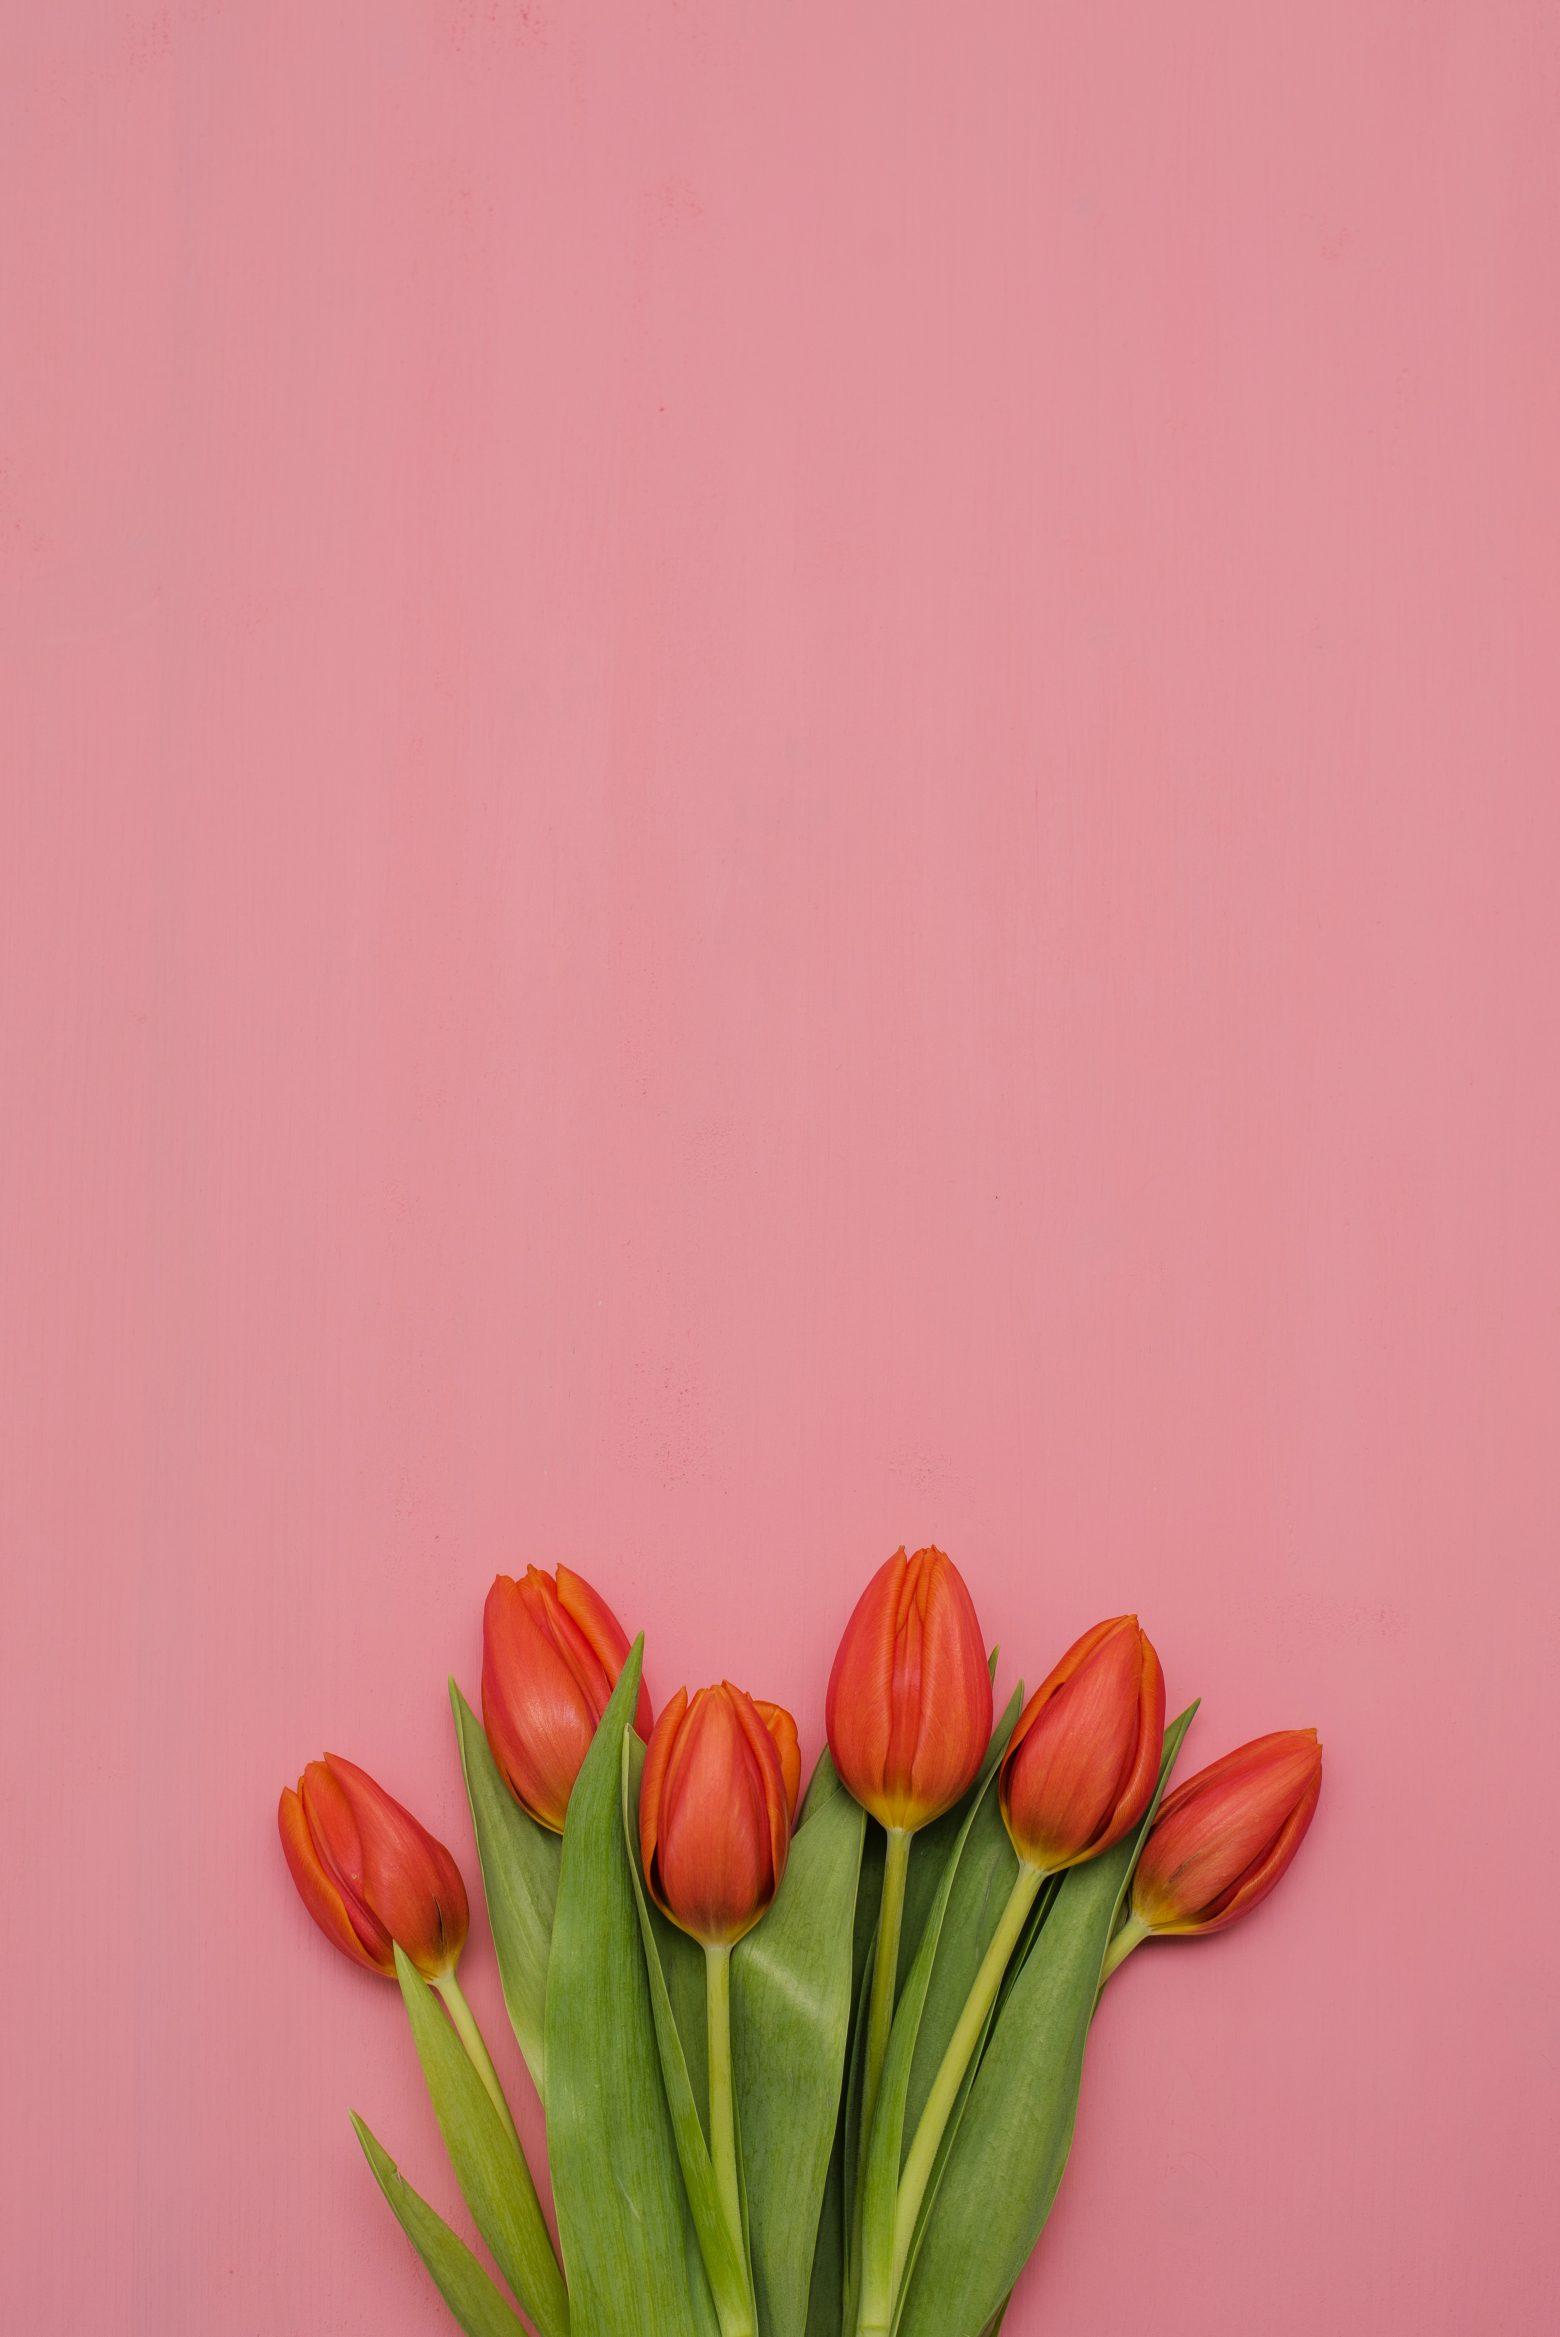 flower-3132022